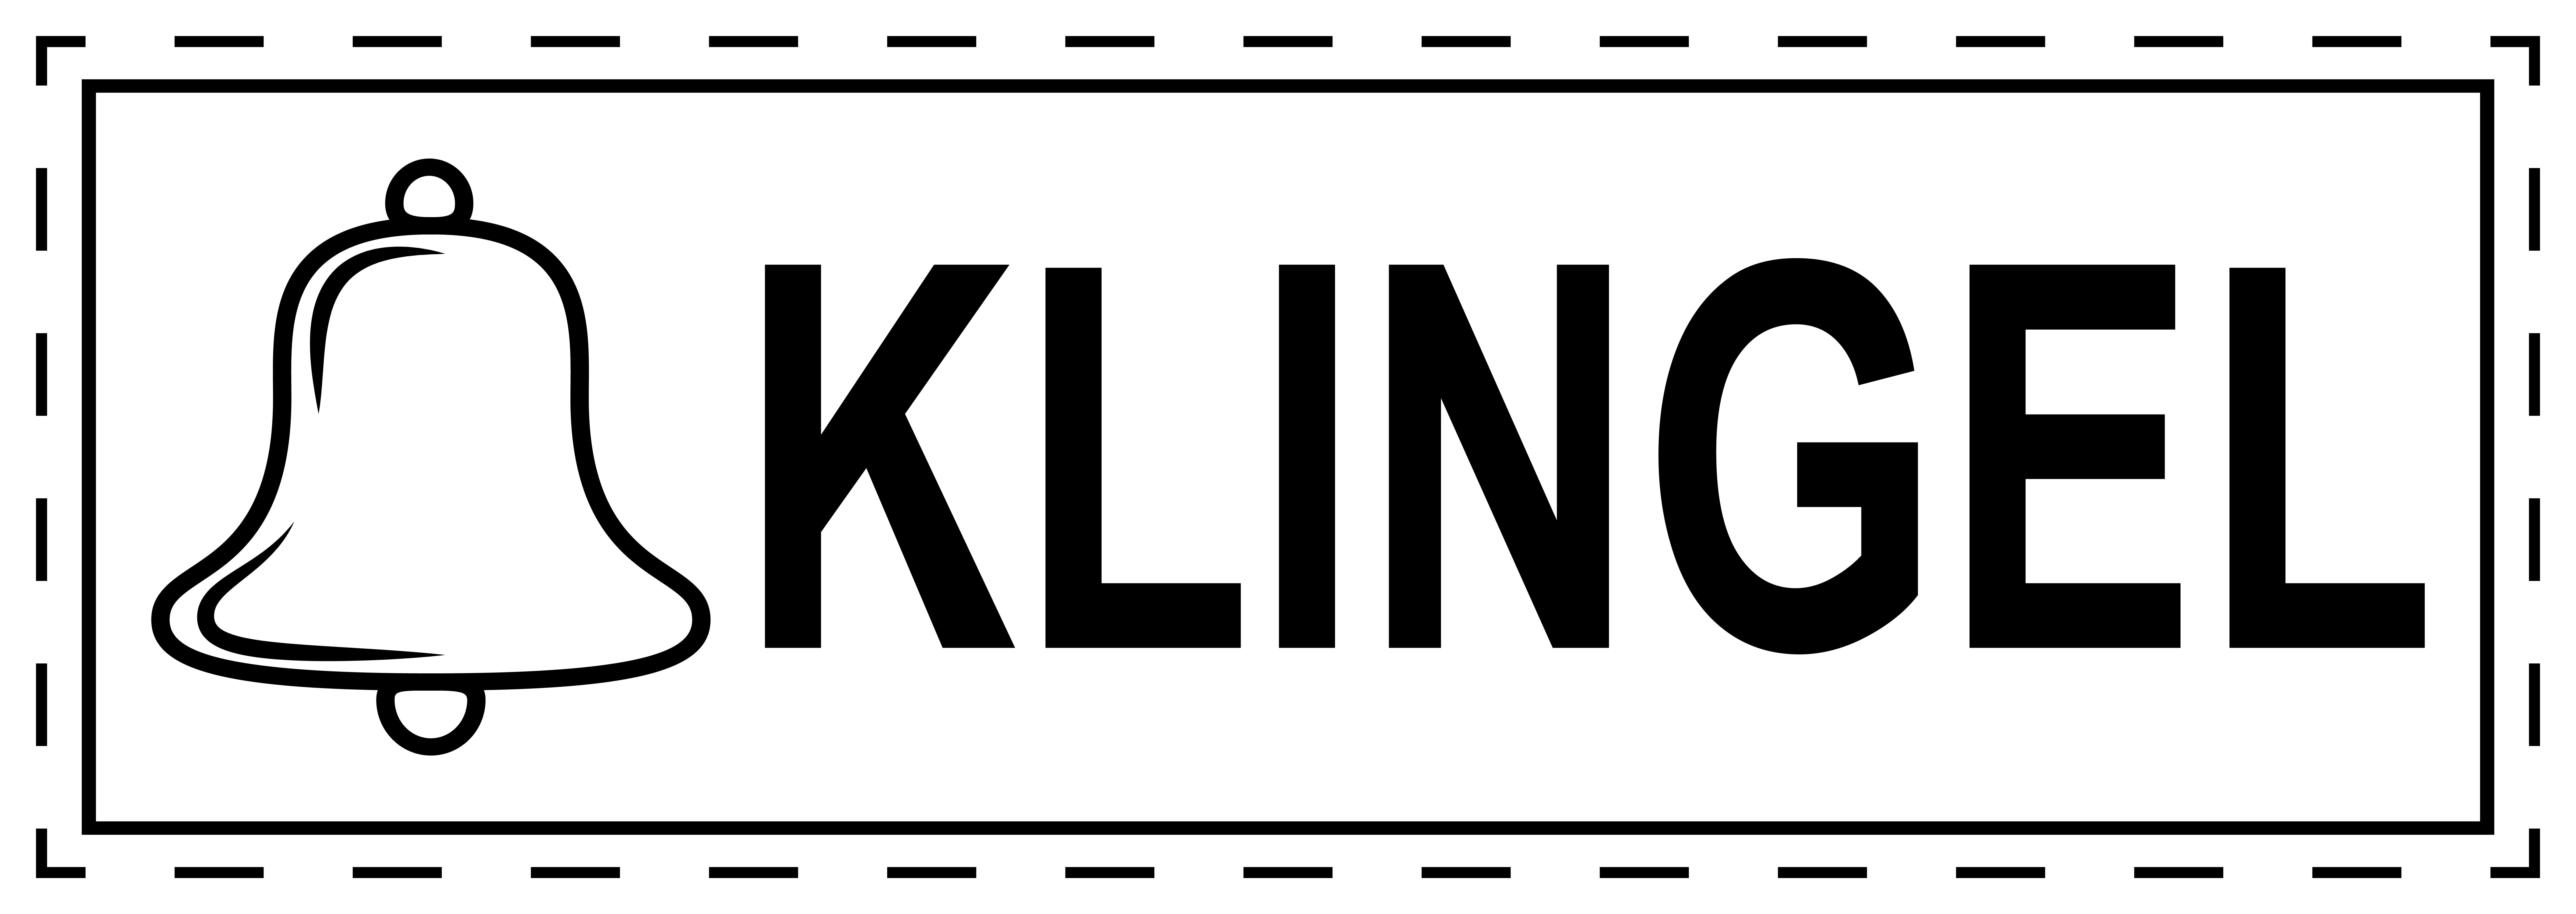 Details Zu 5x Klingel Aufkleber Schrift Und Symbol 45x2 Cm Für Schalter Taster Transparent